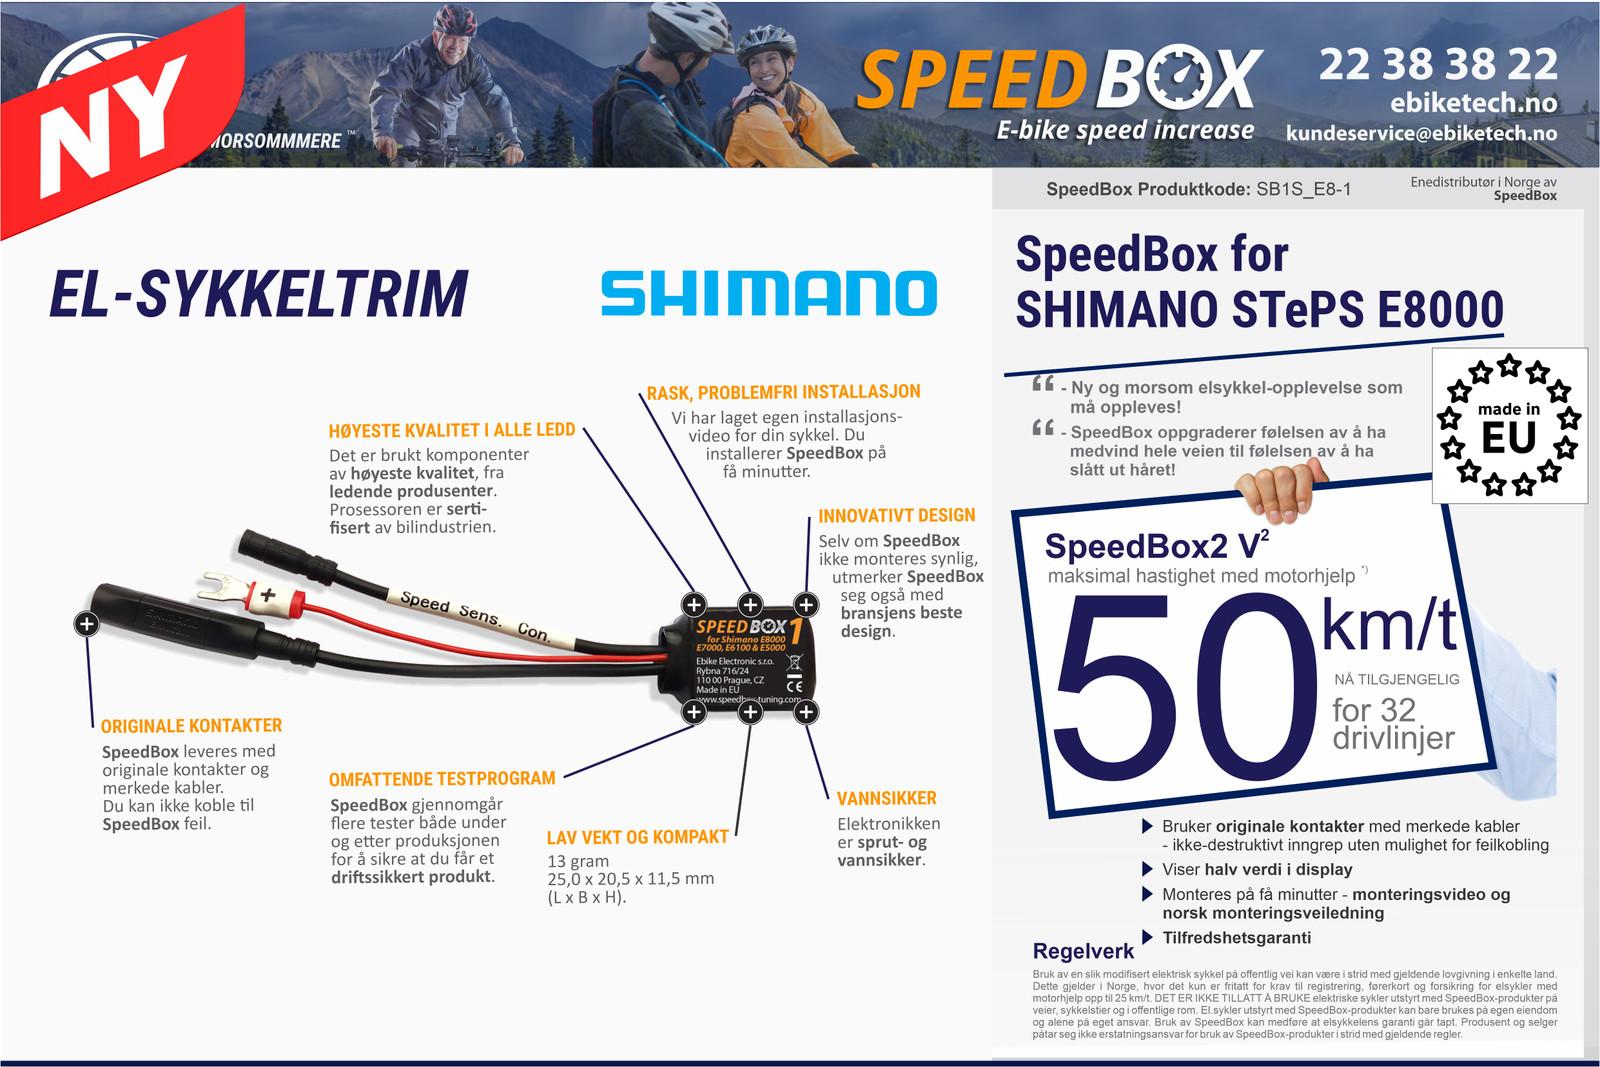 SpeedBox V2 Sykkeltrim for SHIMANO STePS E8000 motor